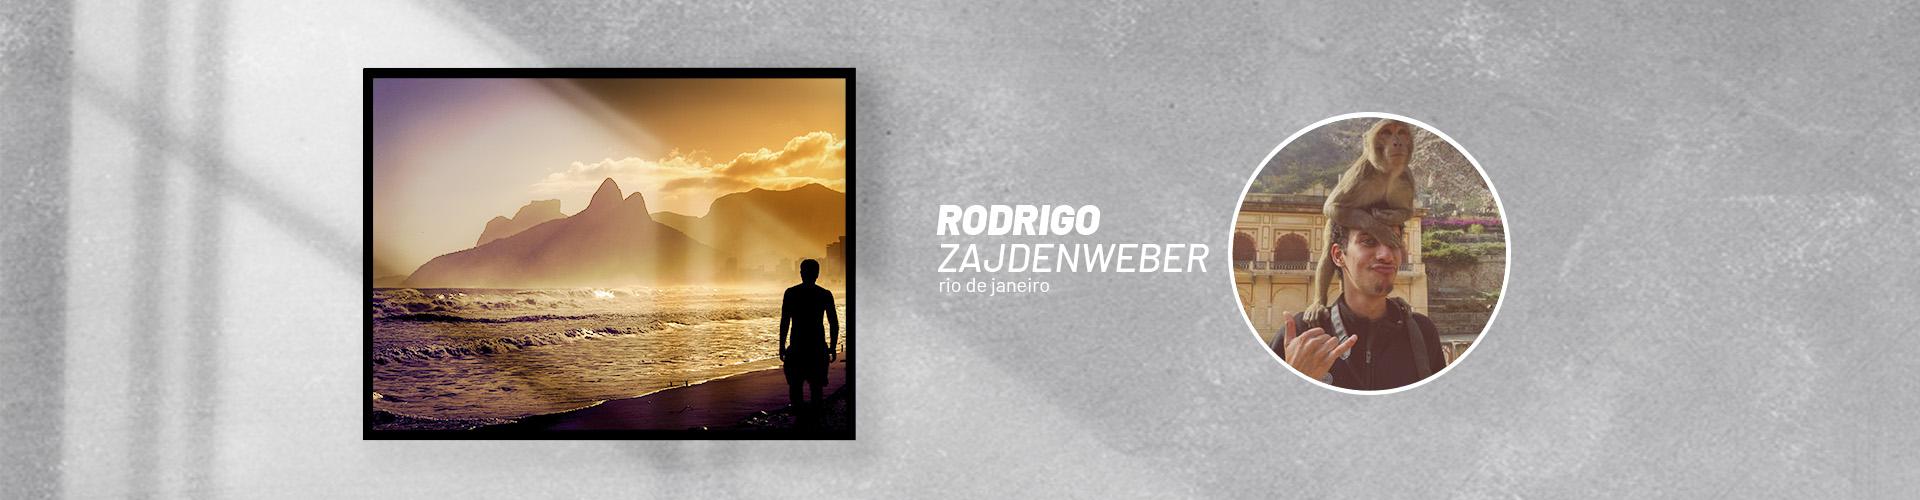 Página Artista | Rodrigo Zajdenweber